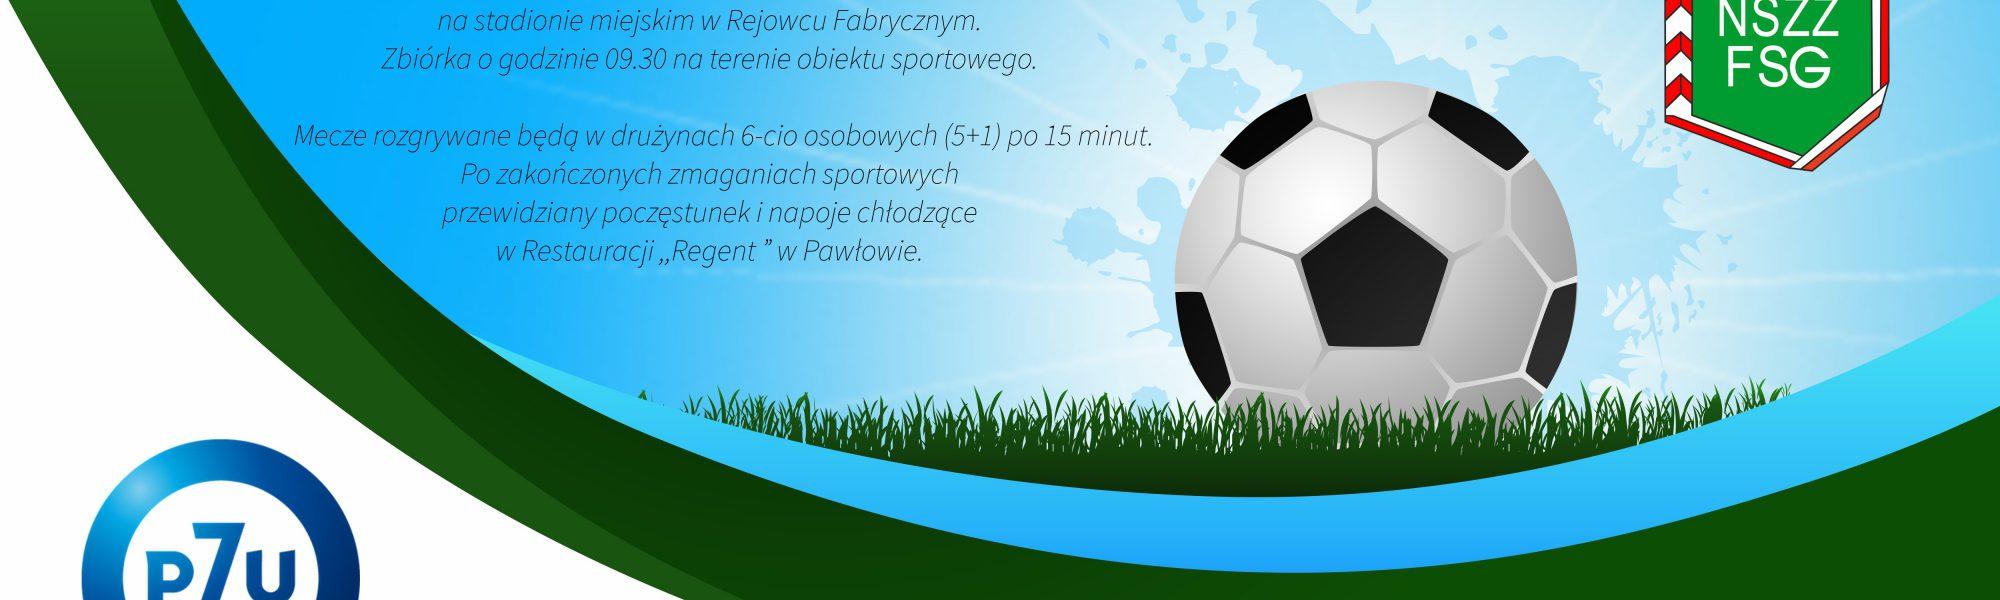 X Turnieju Piłki Nożnej Służb Mundurowych im płk SG Dariusza Klimka i ppłk SG Andrzeja Stańca